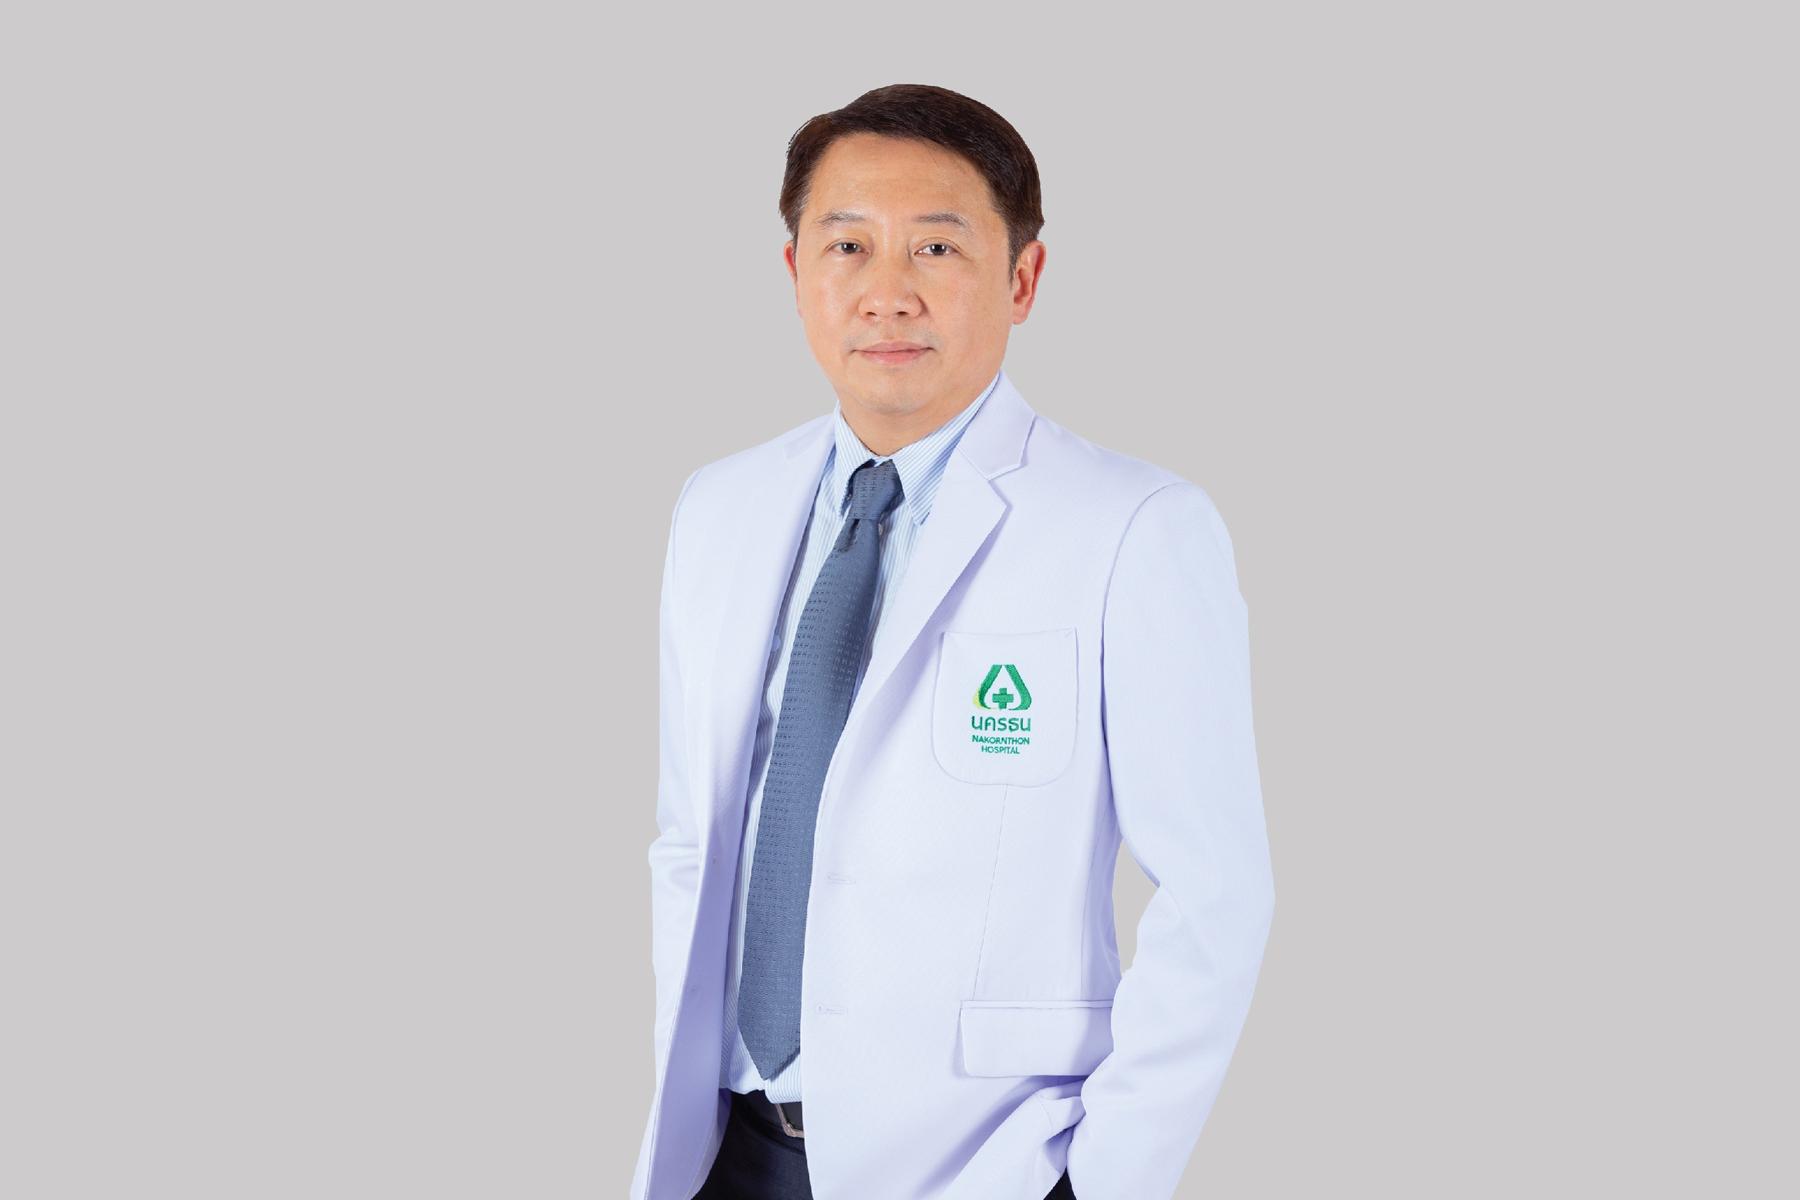 นายแพทย์วีระพันธ์ ควรทรงธรรม ผู้อำนวยการสถาบันกระดูกสันหลังบำรุงราษฎร์ และศัลยแพทย์ระบบประสาท